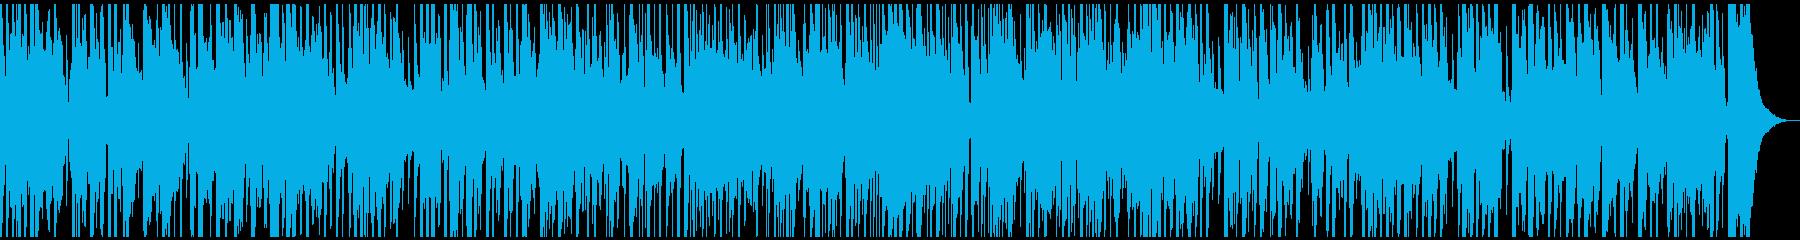 生音バイオリンとマンドリンの軽快ワルツの再生済みの波形